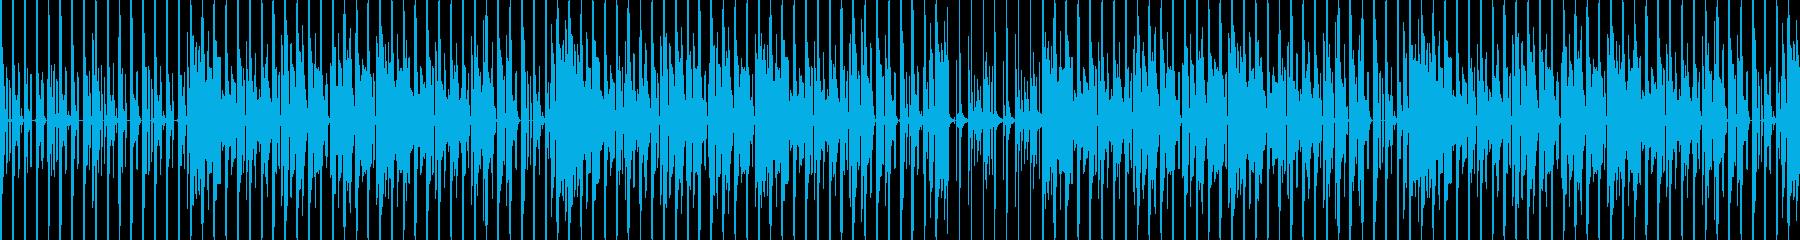 【軽快でおしゃれなHIPHOPJAZZ】の再生済みの波形